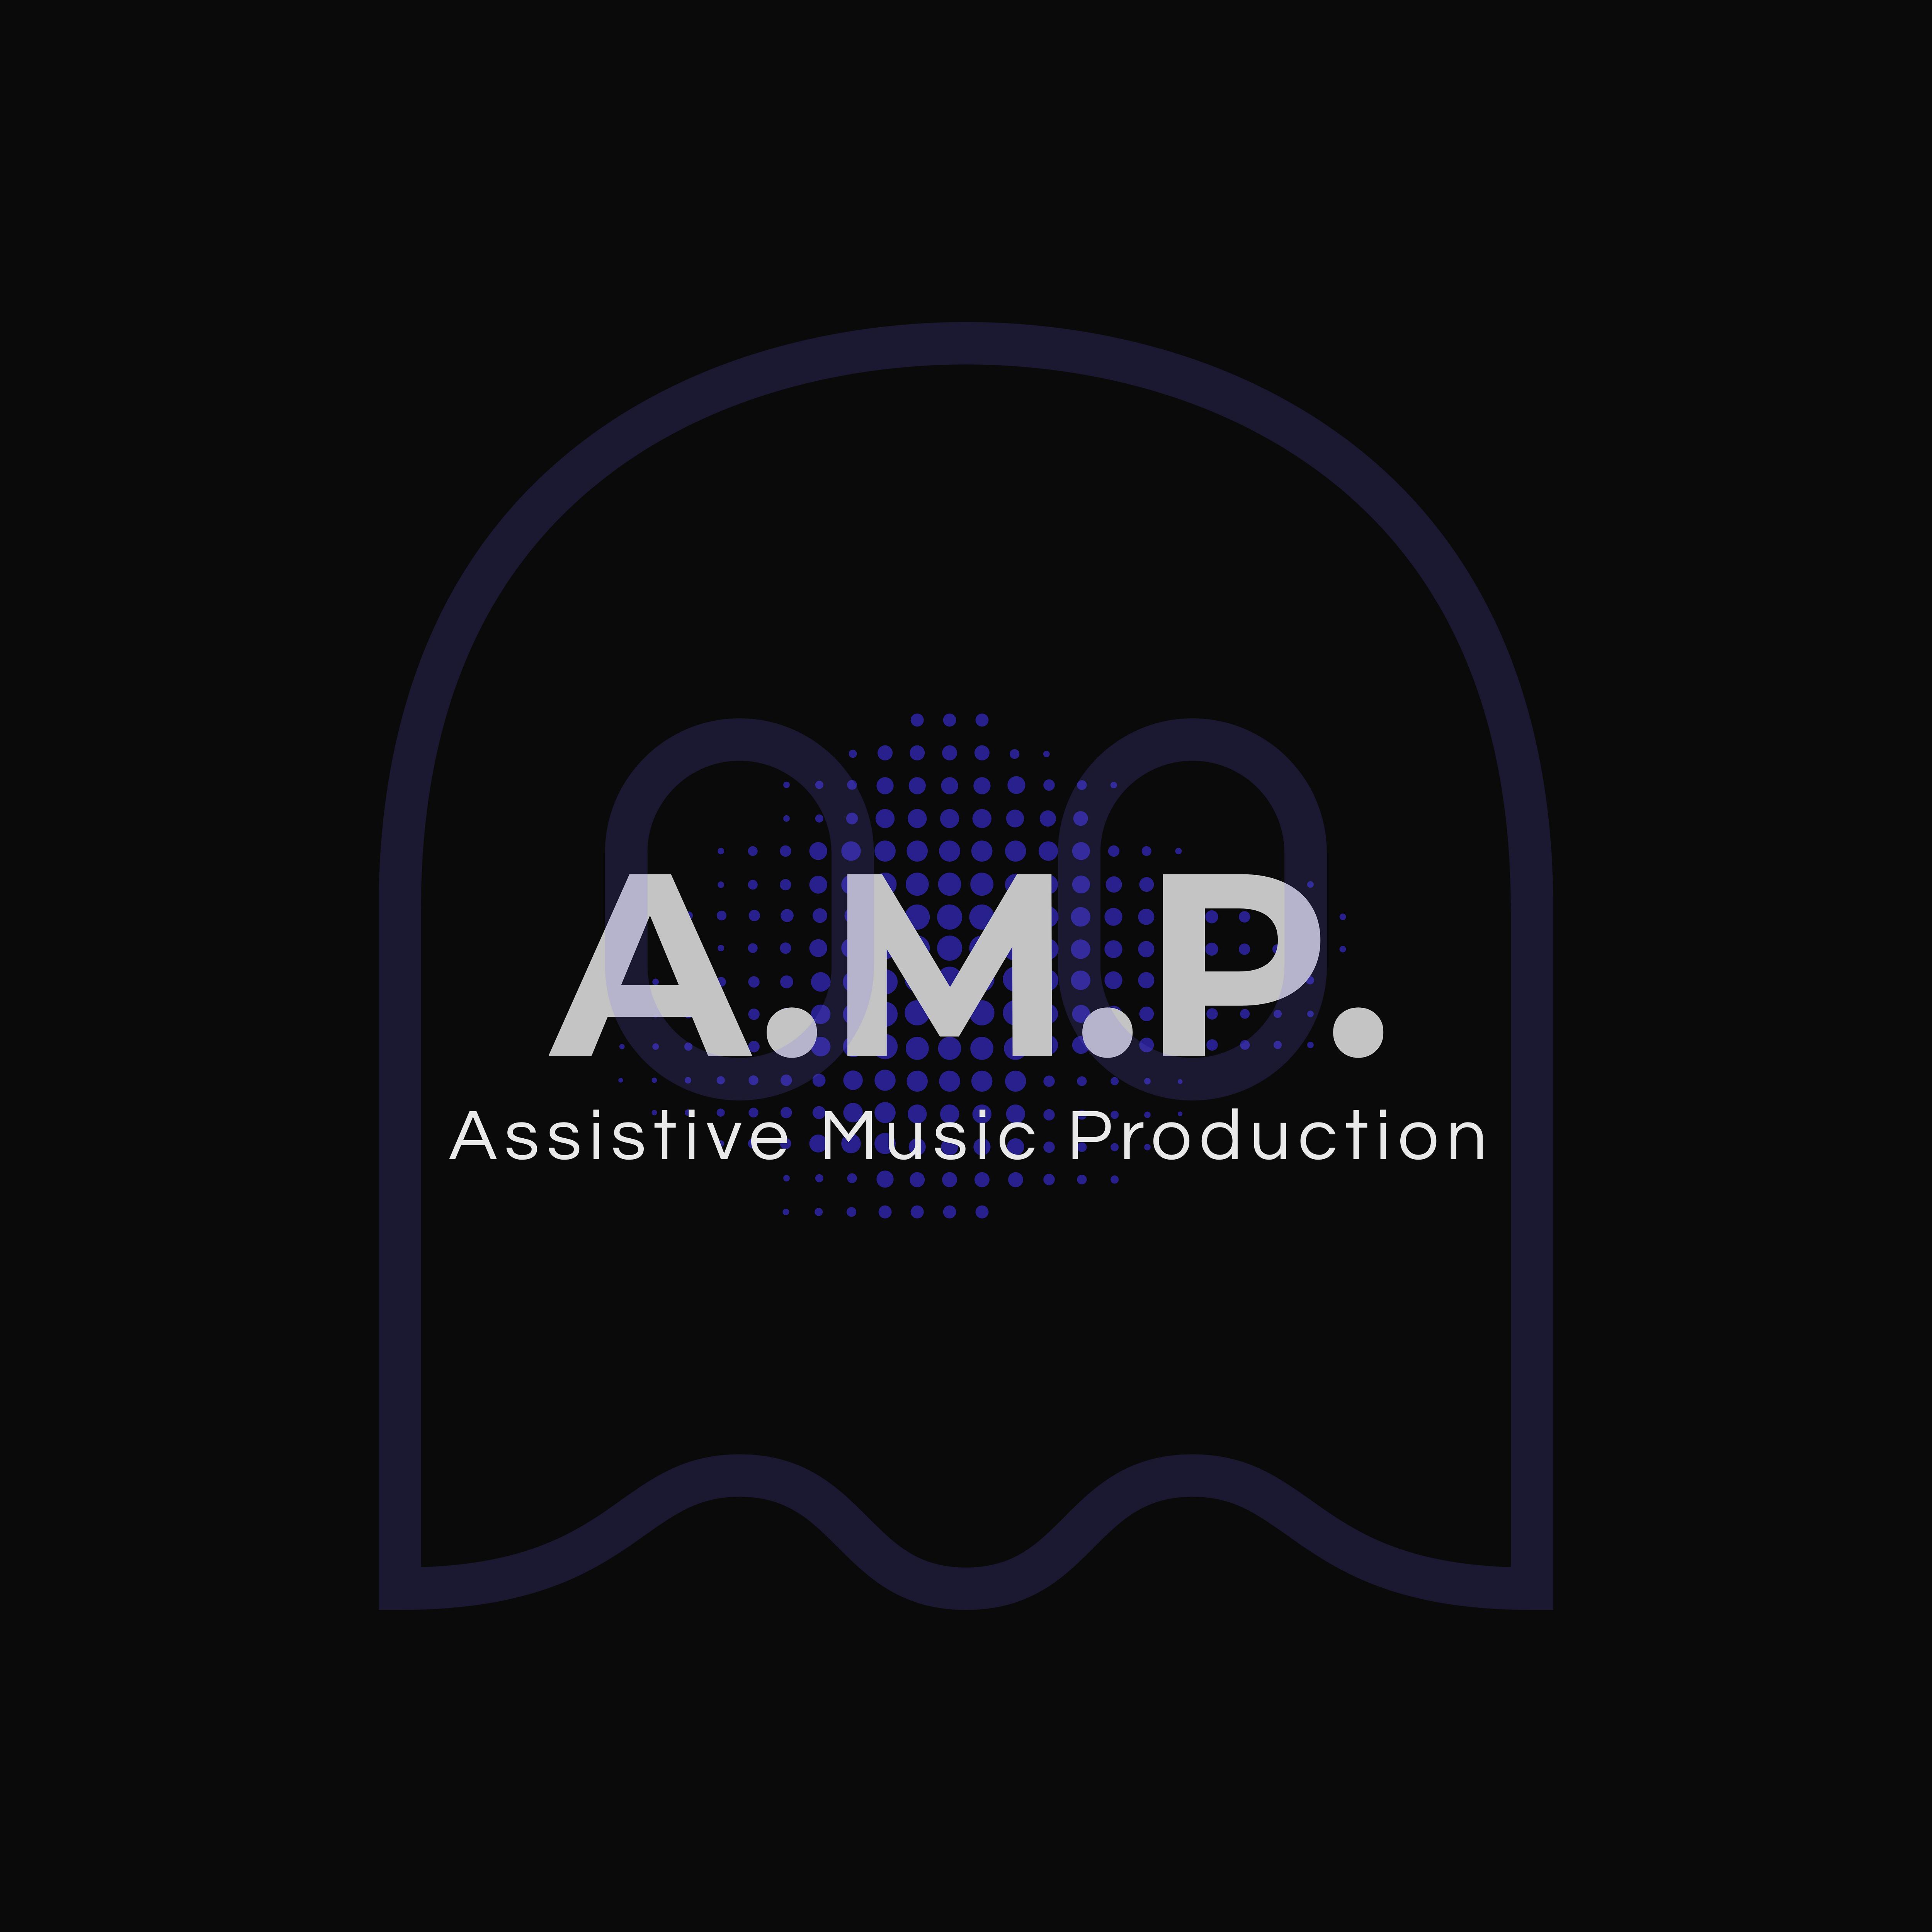 A.M.P.